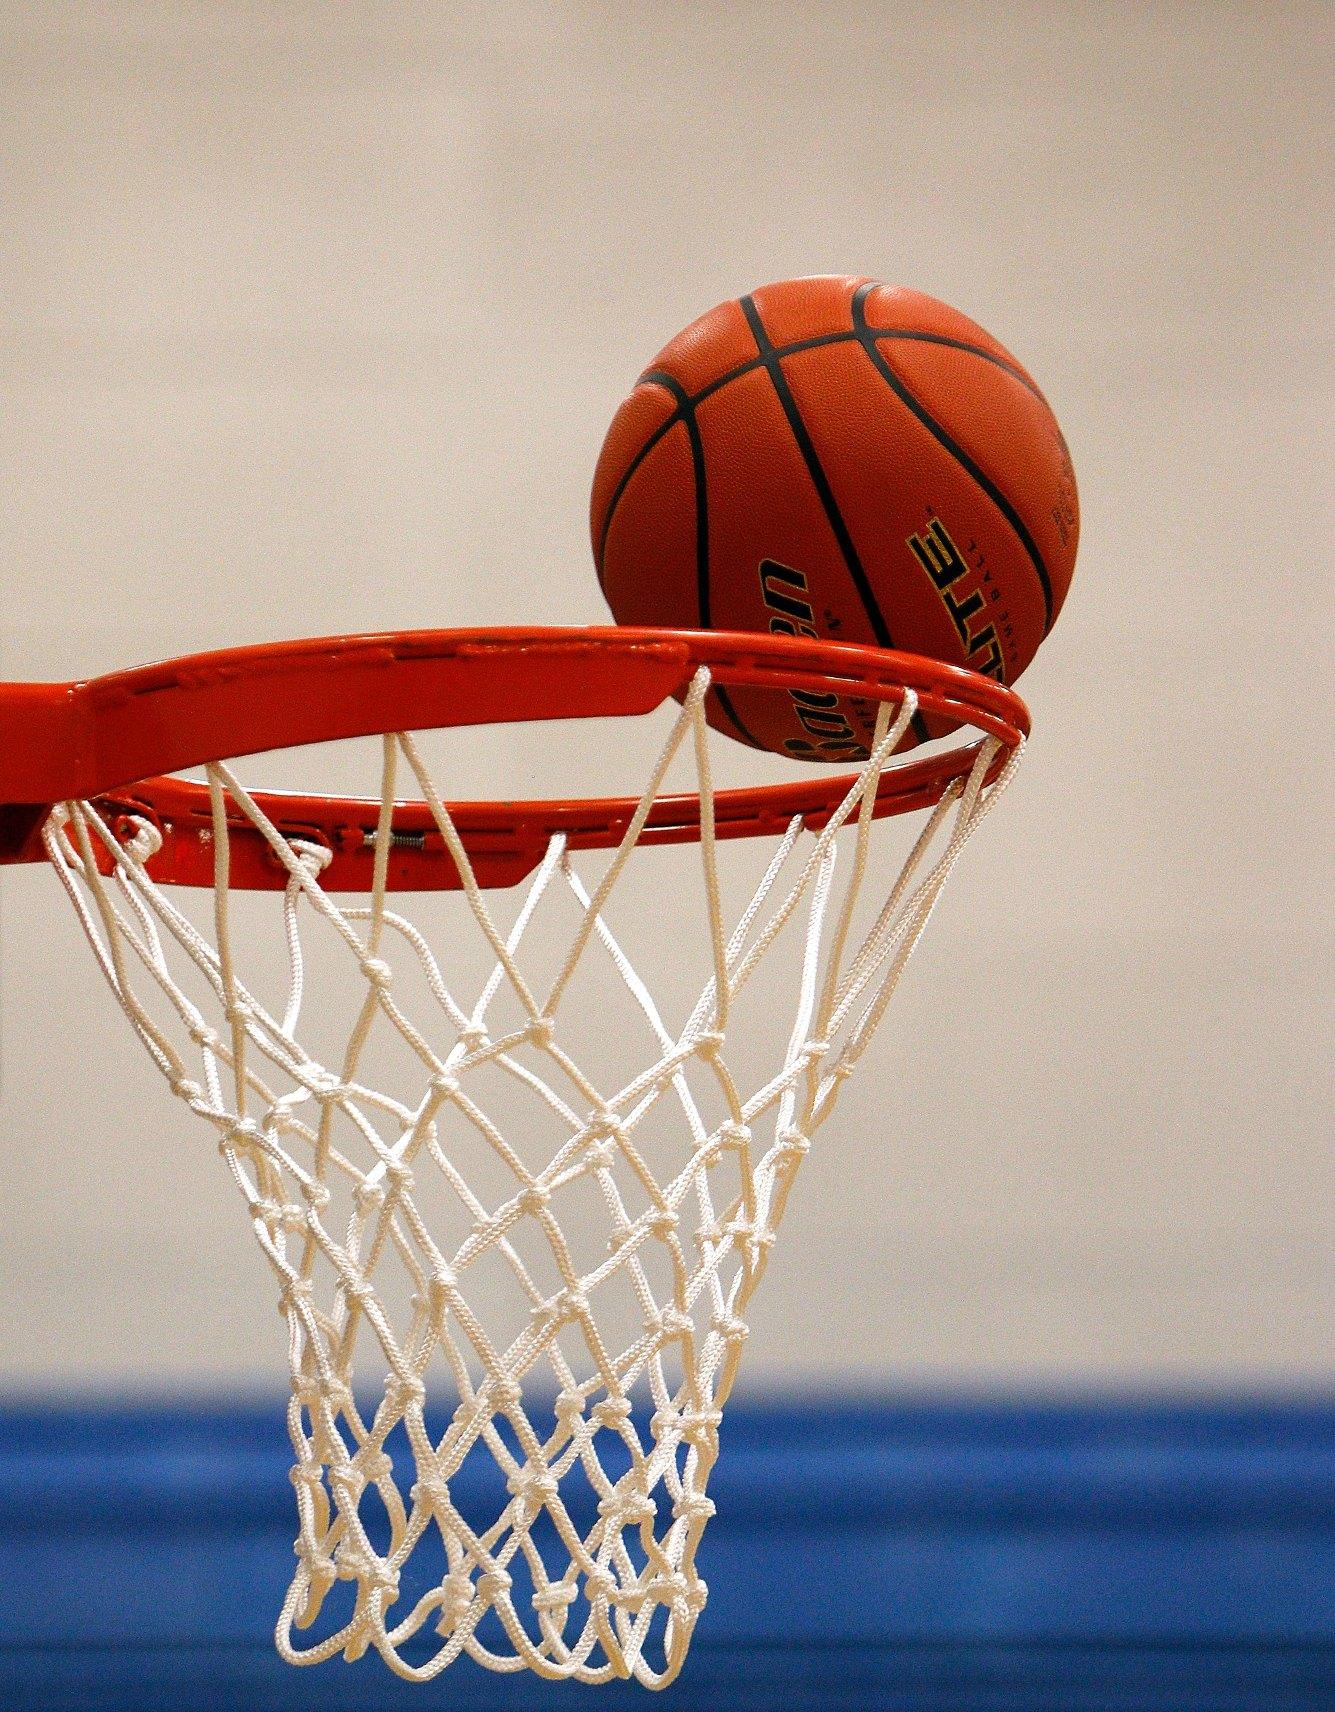 Hoops for Hope - Creighton vs. Nebraska